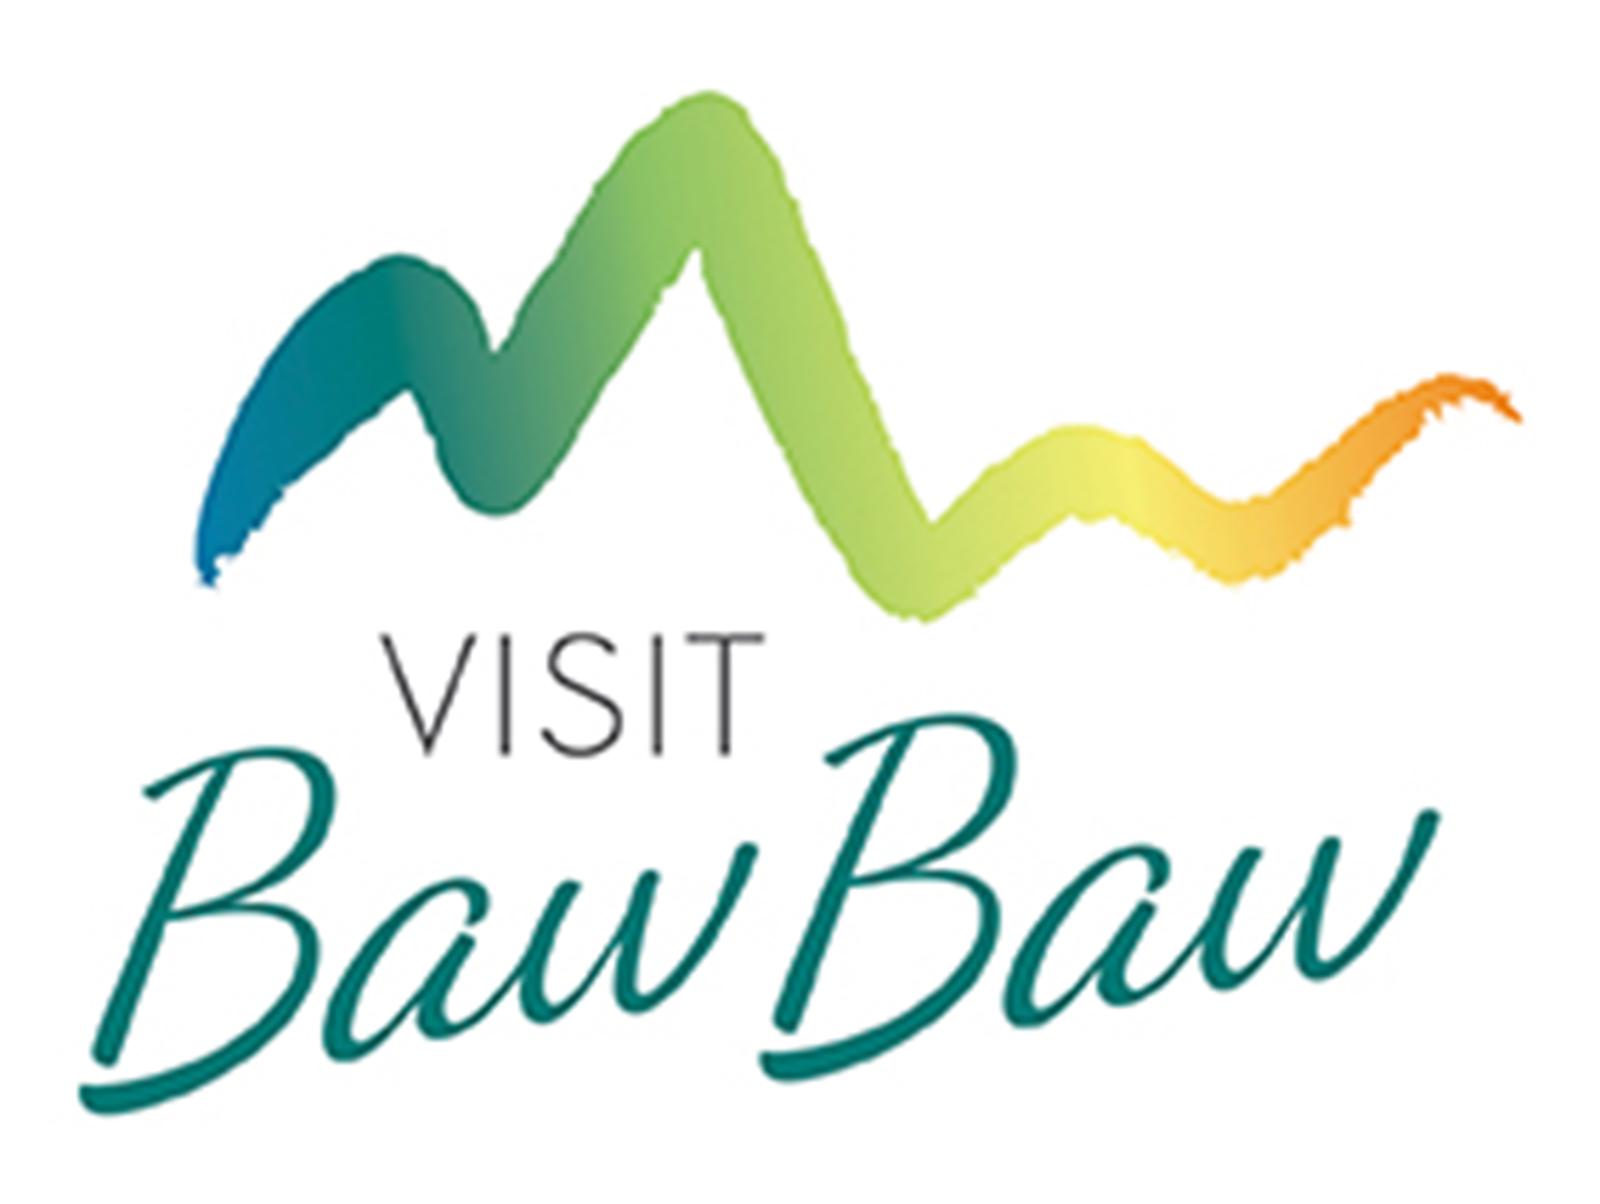 VISIT_BAWBAW_COL - Copy